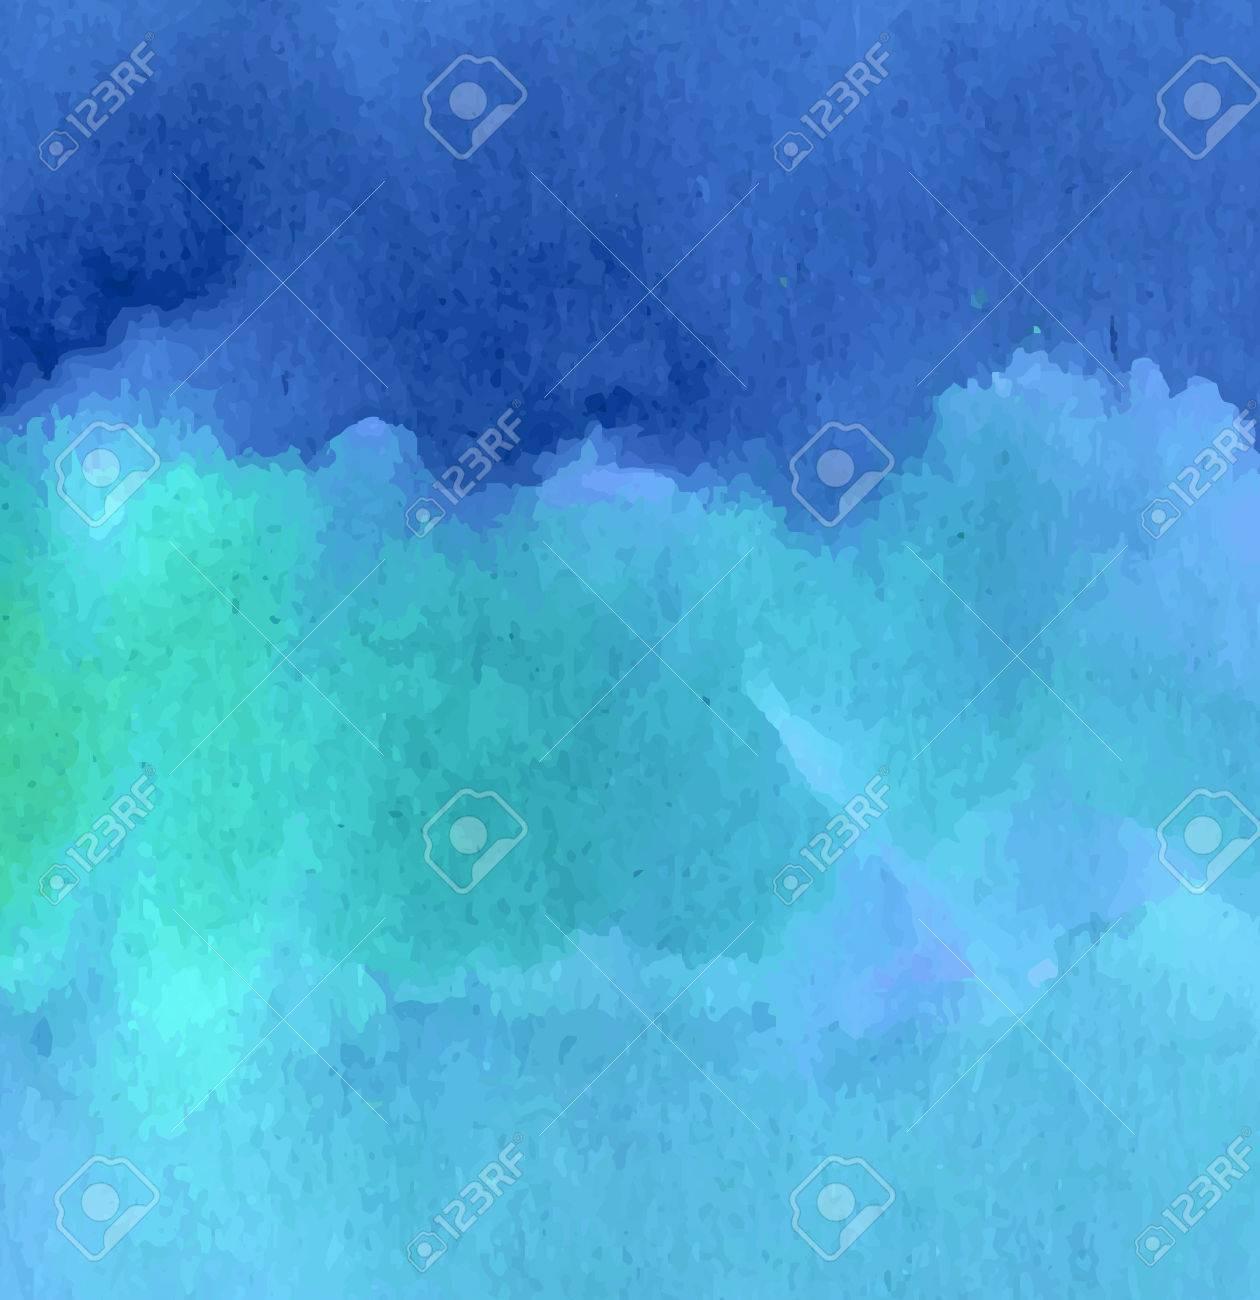 青と緑の海洋波水彩背景デザイン。ベクターのイラスト。 ロイヤリティ